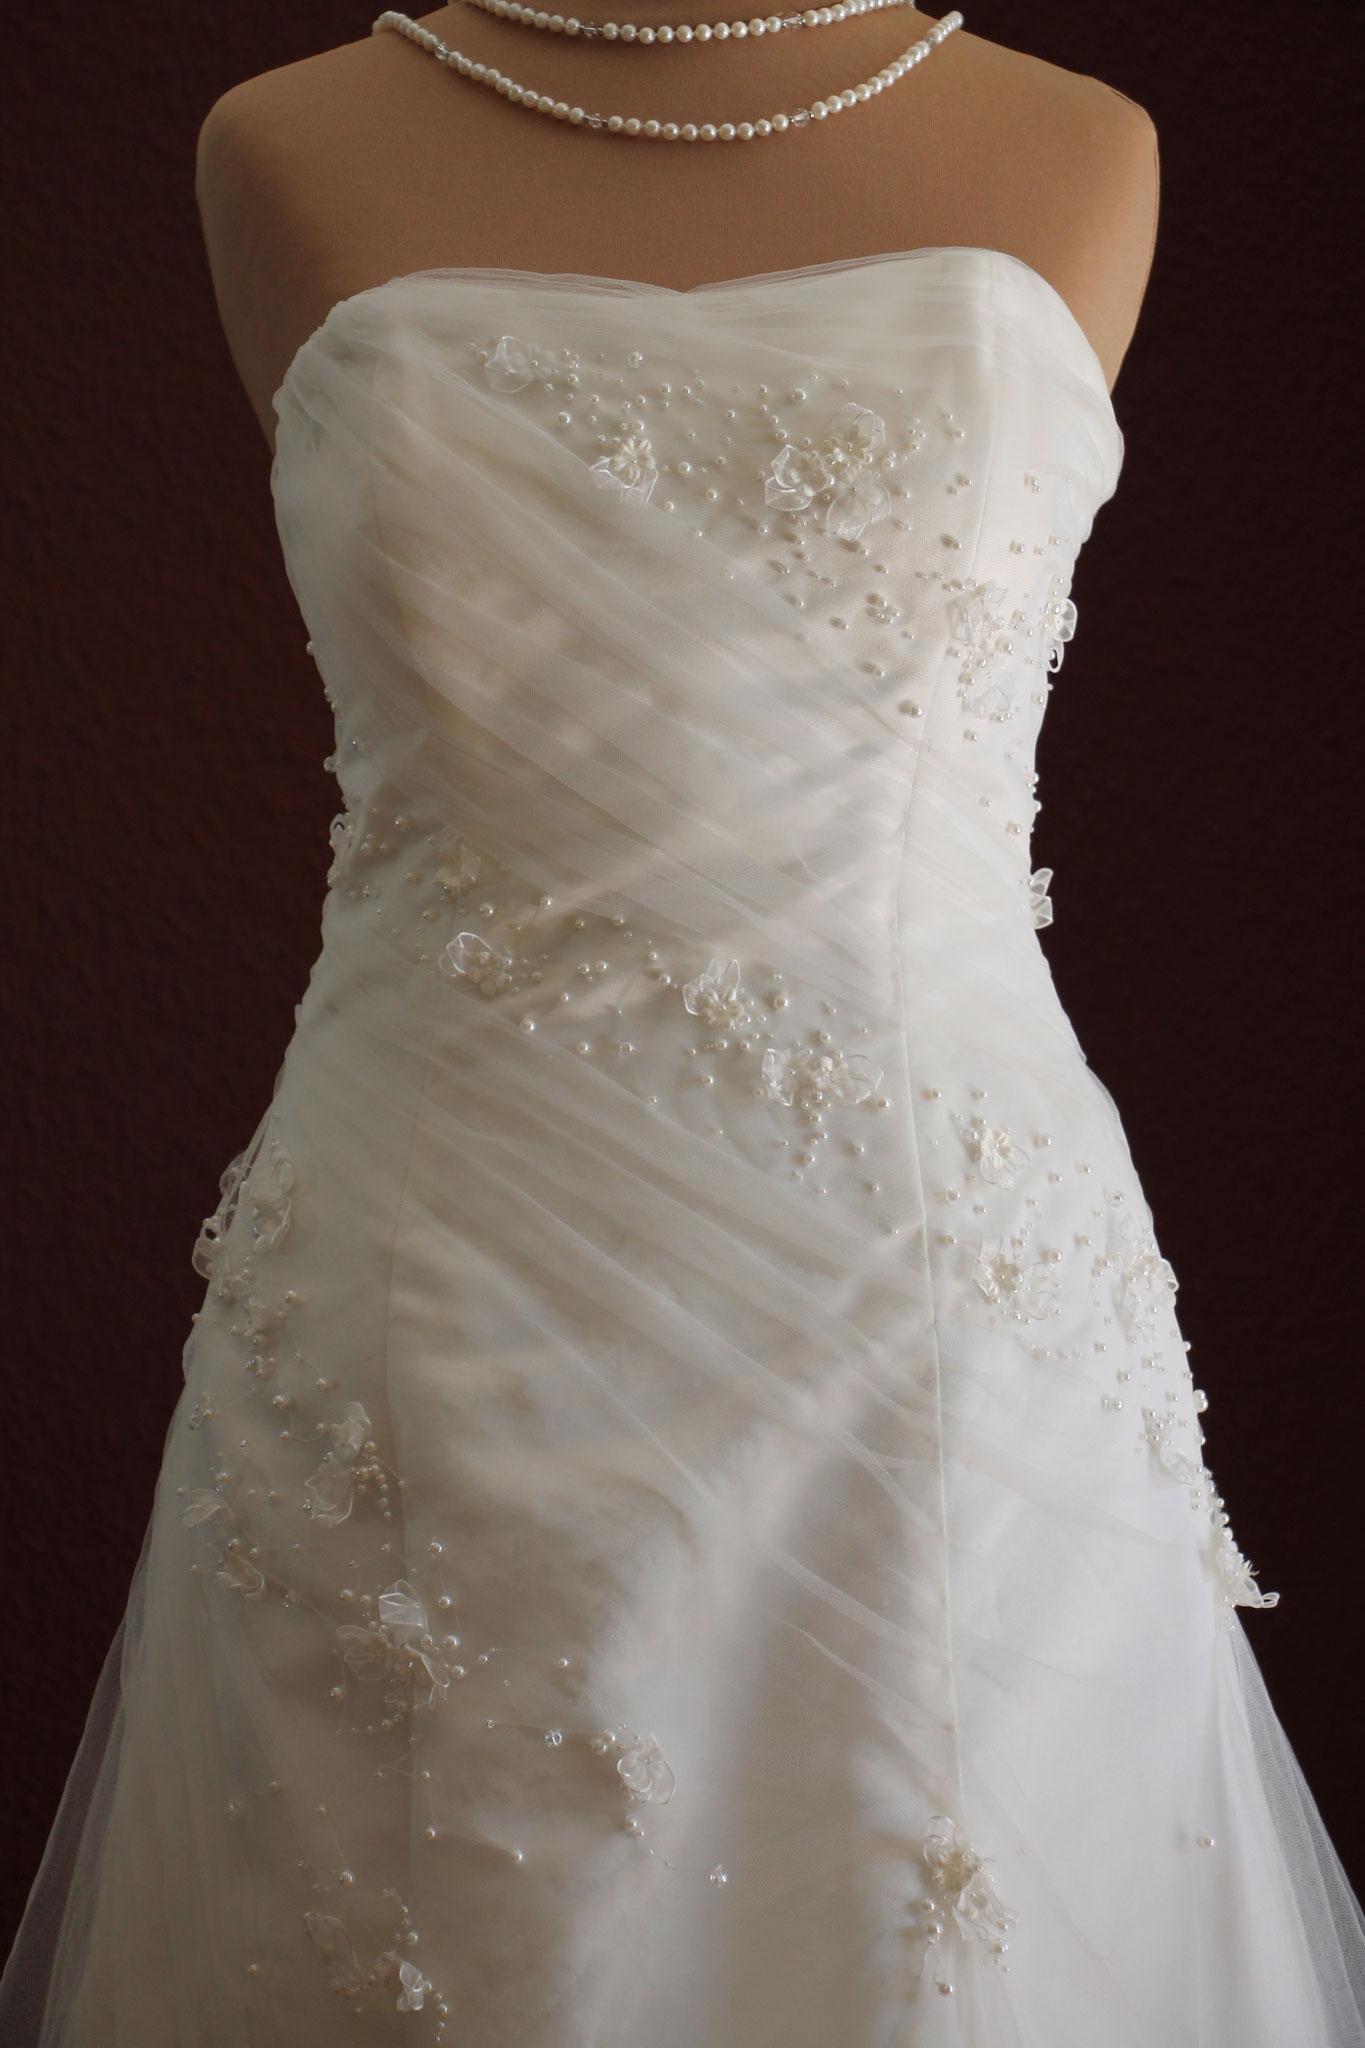 Brautkleider unter 300 Euro - mari-mes Webseite!